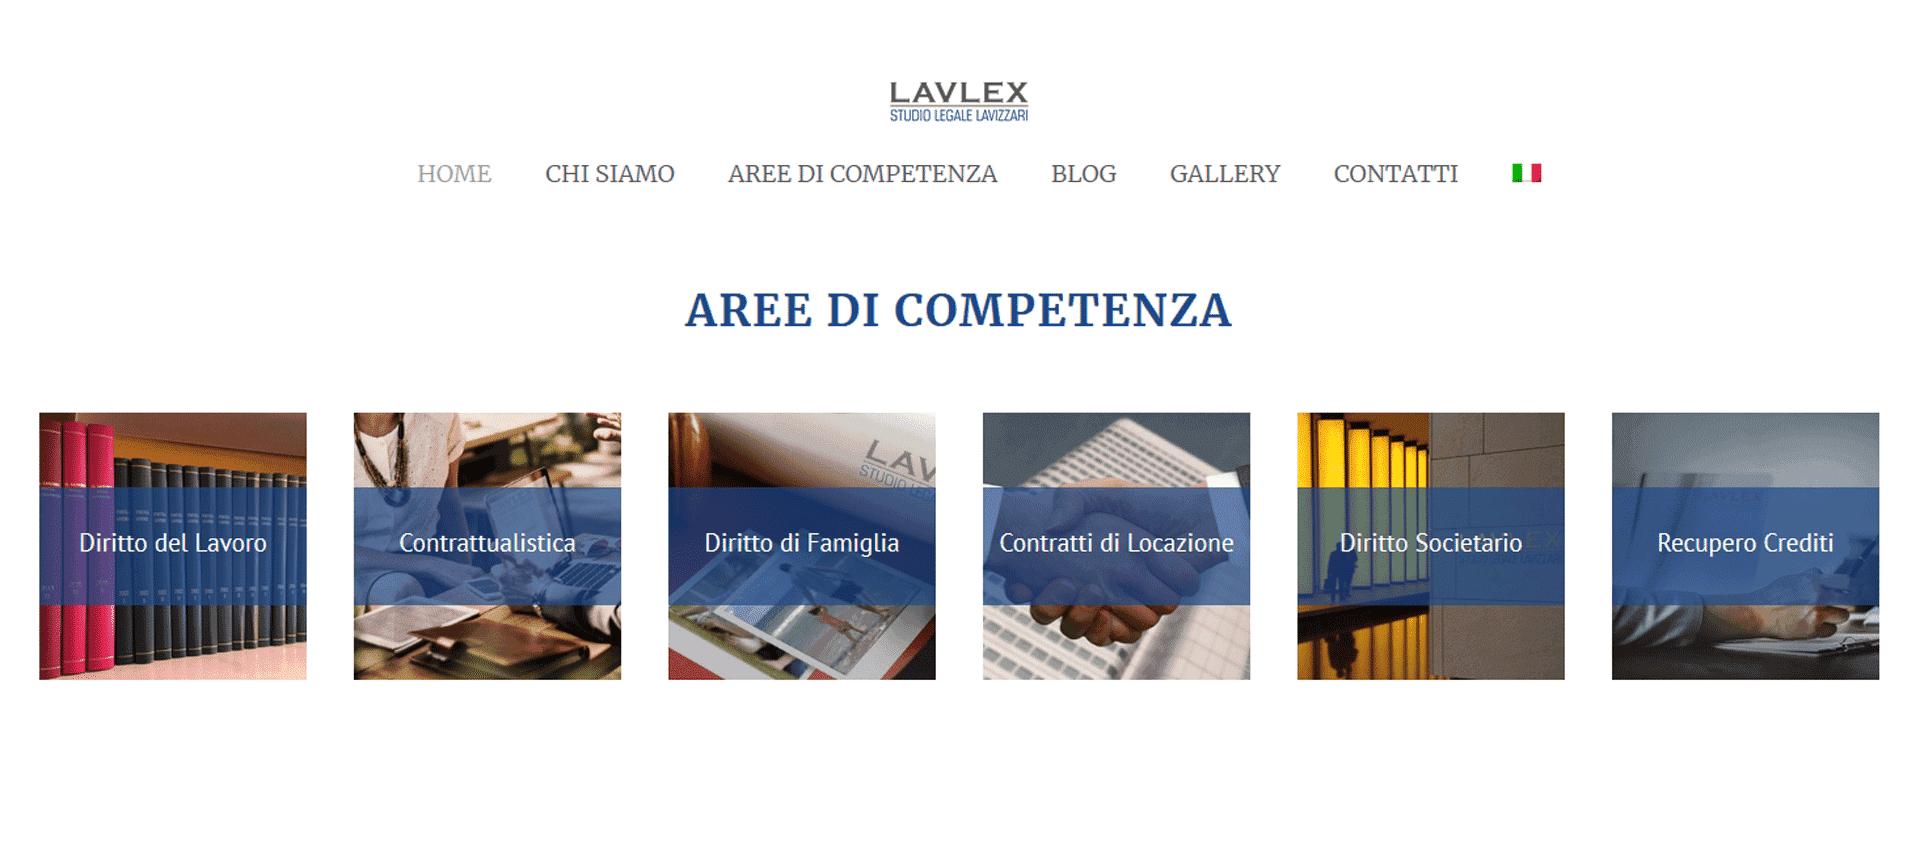 Lavlex Studio Legale Lavizzari Portfolio Digital Compass Aree di Competenza